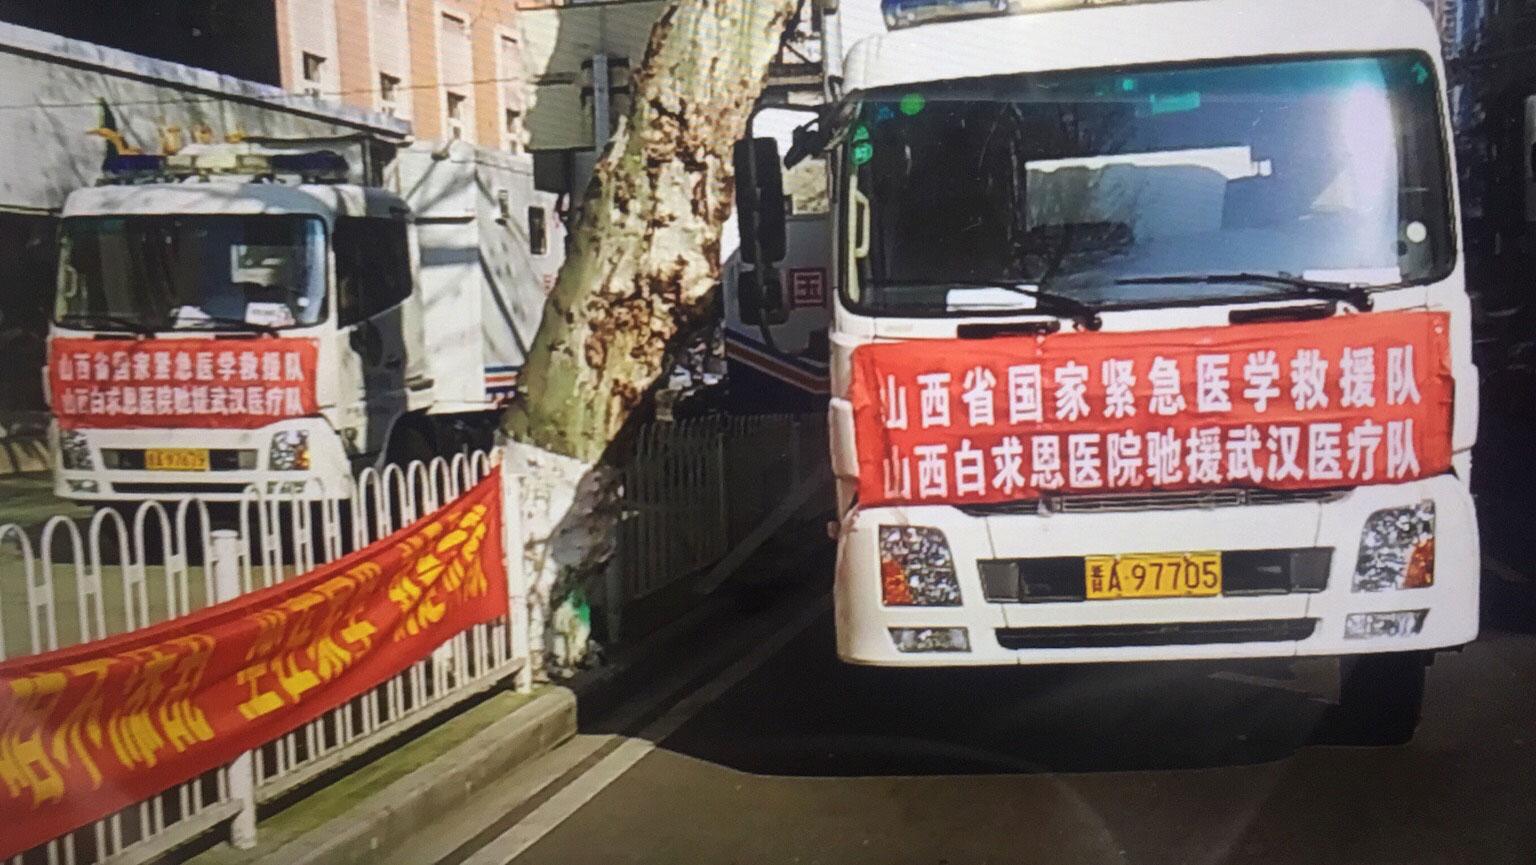 湖北省政府下令暂缓援鄂医疗队离开。(网络图片/乔龙提供)